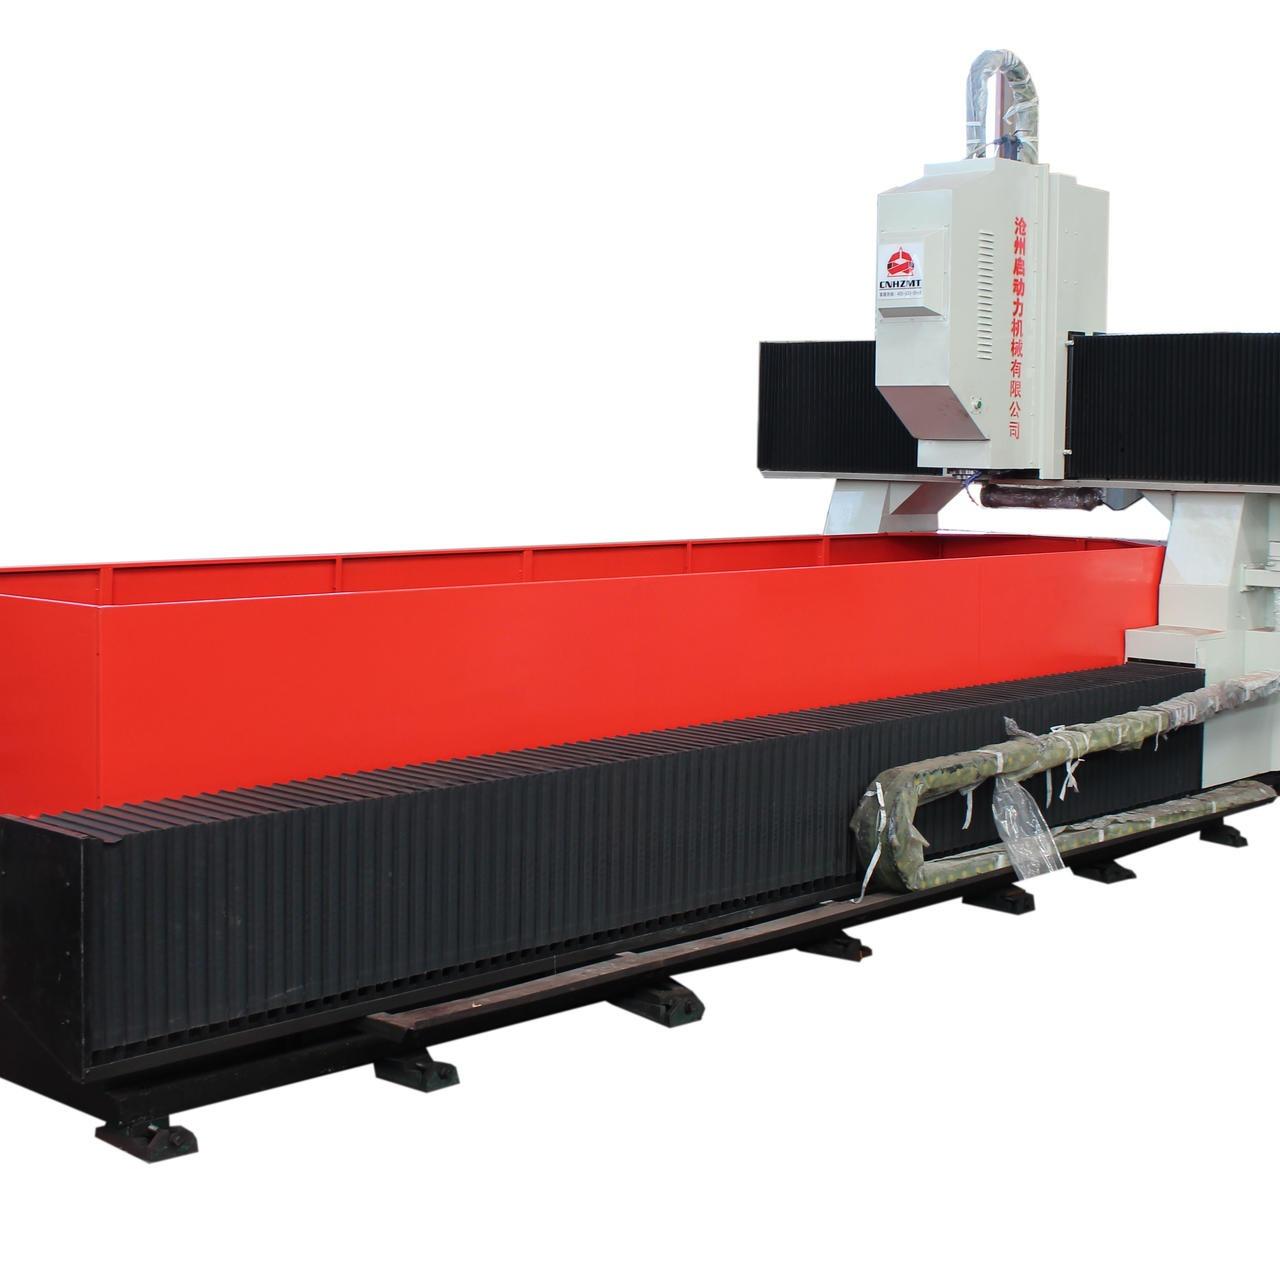 1米小型数控钻床 龙门定梁高速钻床 法兰专用钻孔机床 现货供应